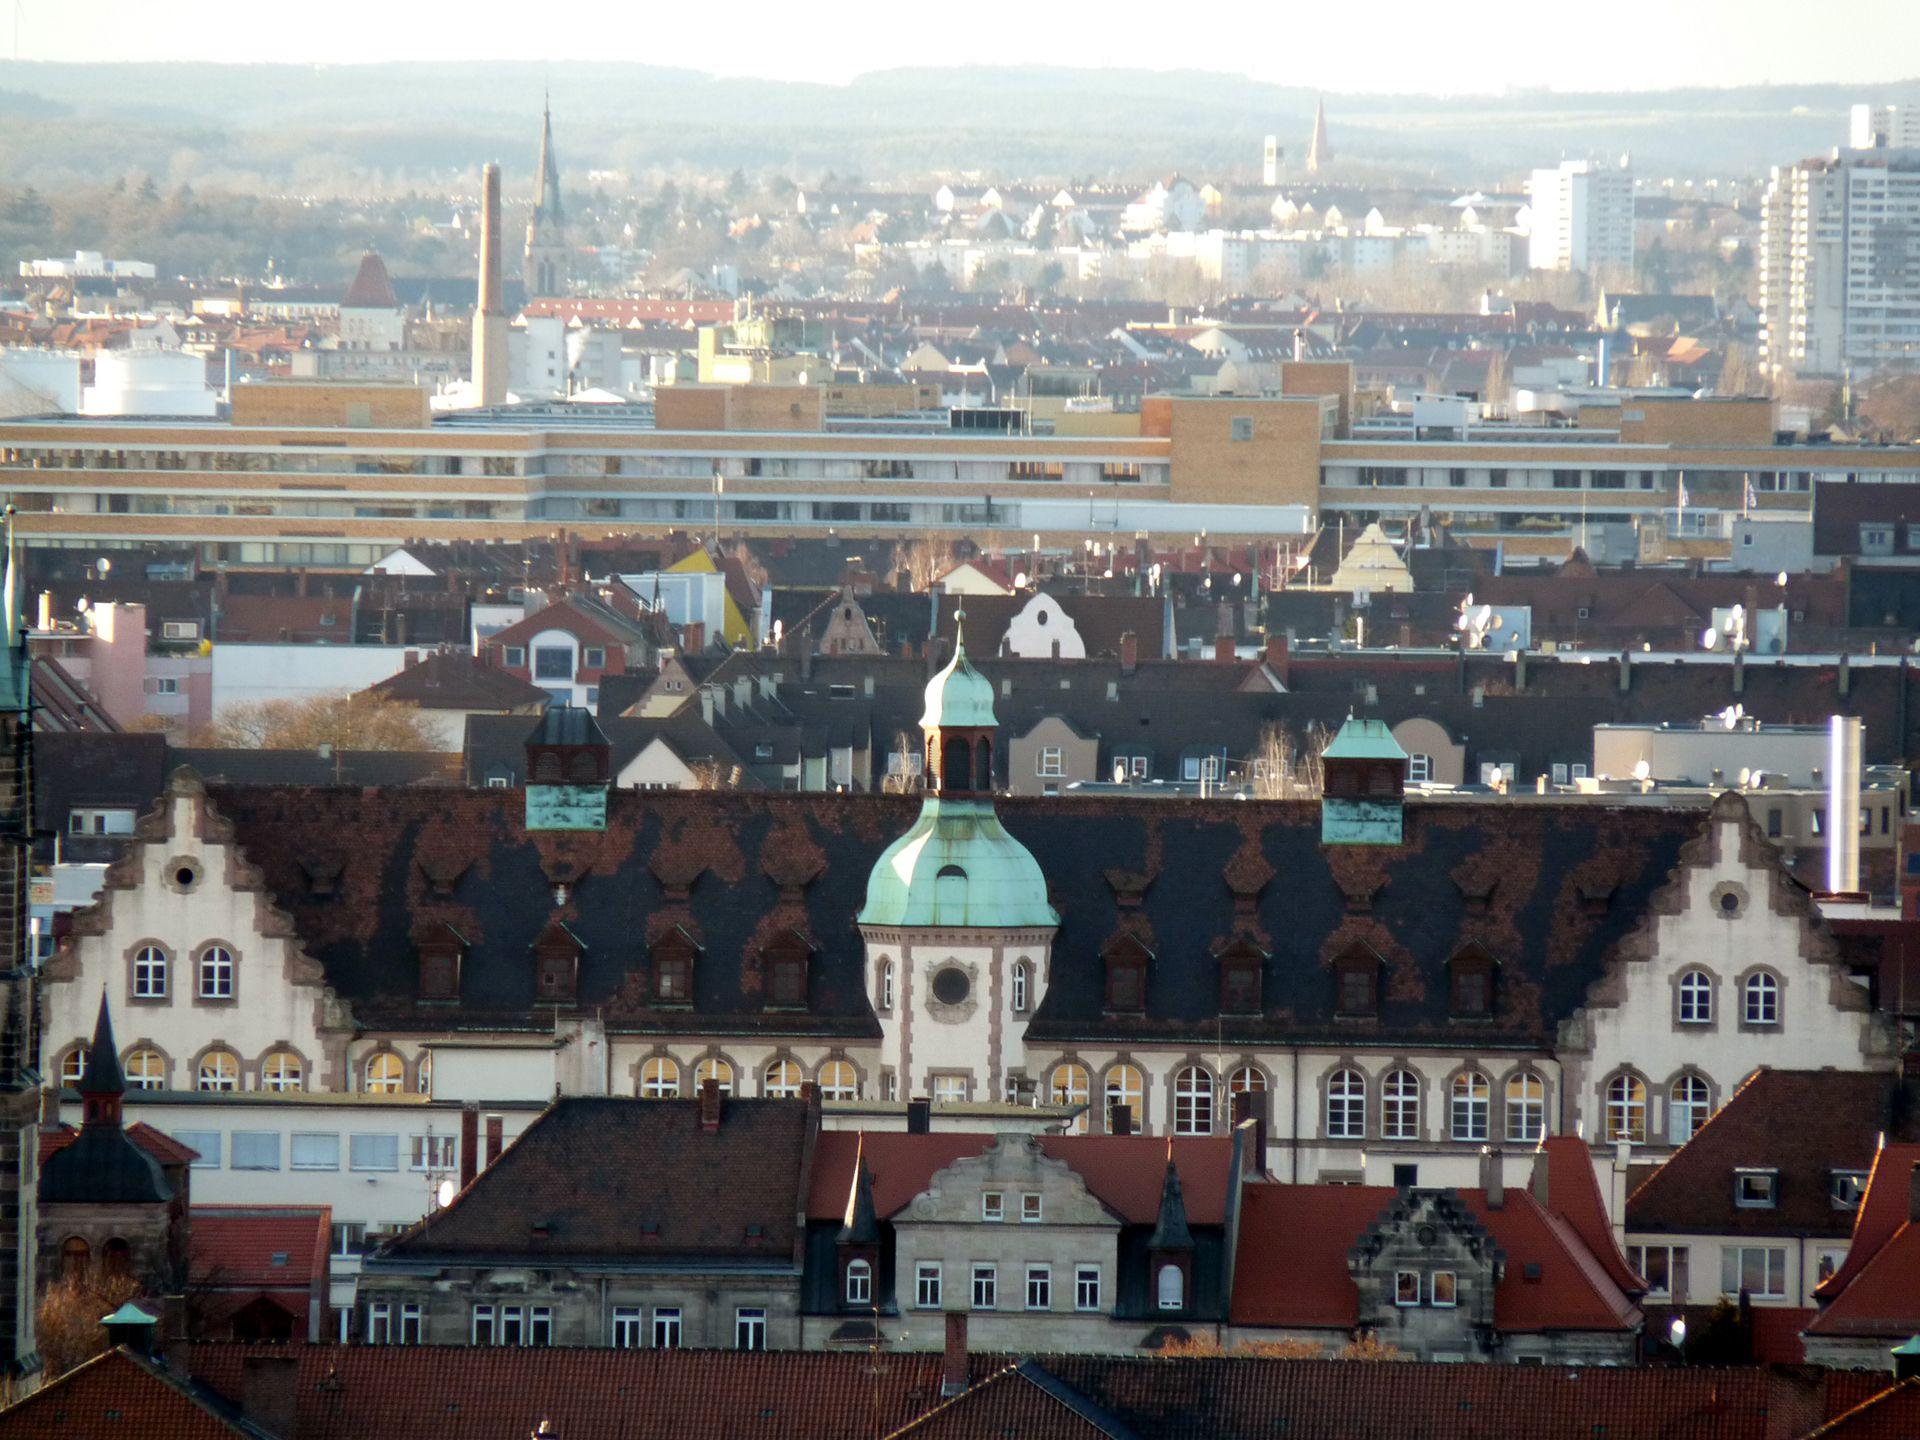 Johann-Daniel-Preißler-Schule Blick über Gostenhof mit Obergeschoss und Dach der Johann-Daniel-Preißler-Schule